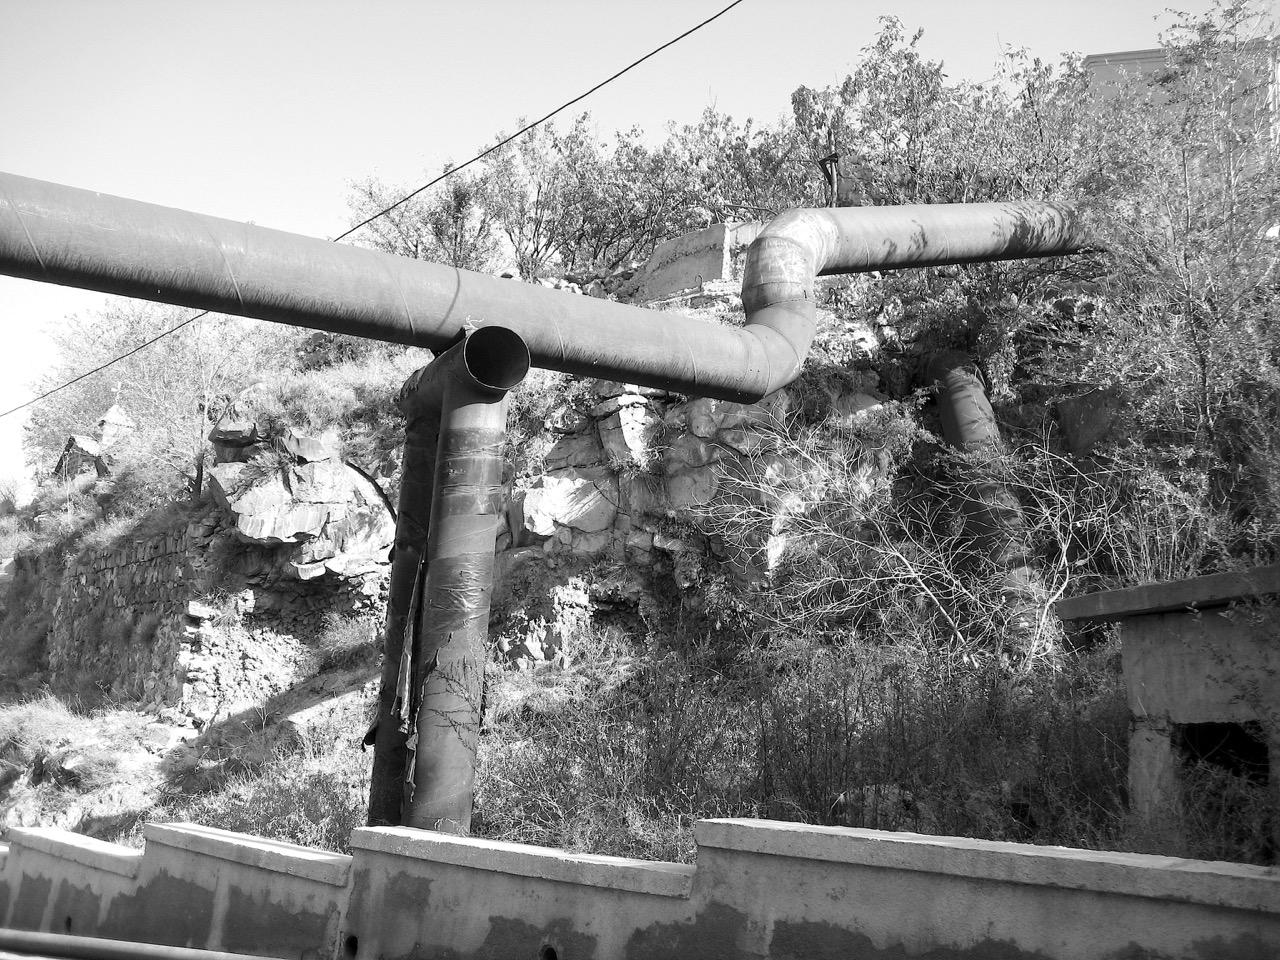 Foto: Armenische Röhren (Metall auf Metall). Aus: Eriwan. Kapitel 7. Aufzeichnungen aus Armenien von Marc Degens.